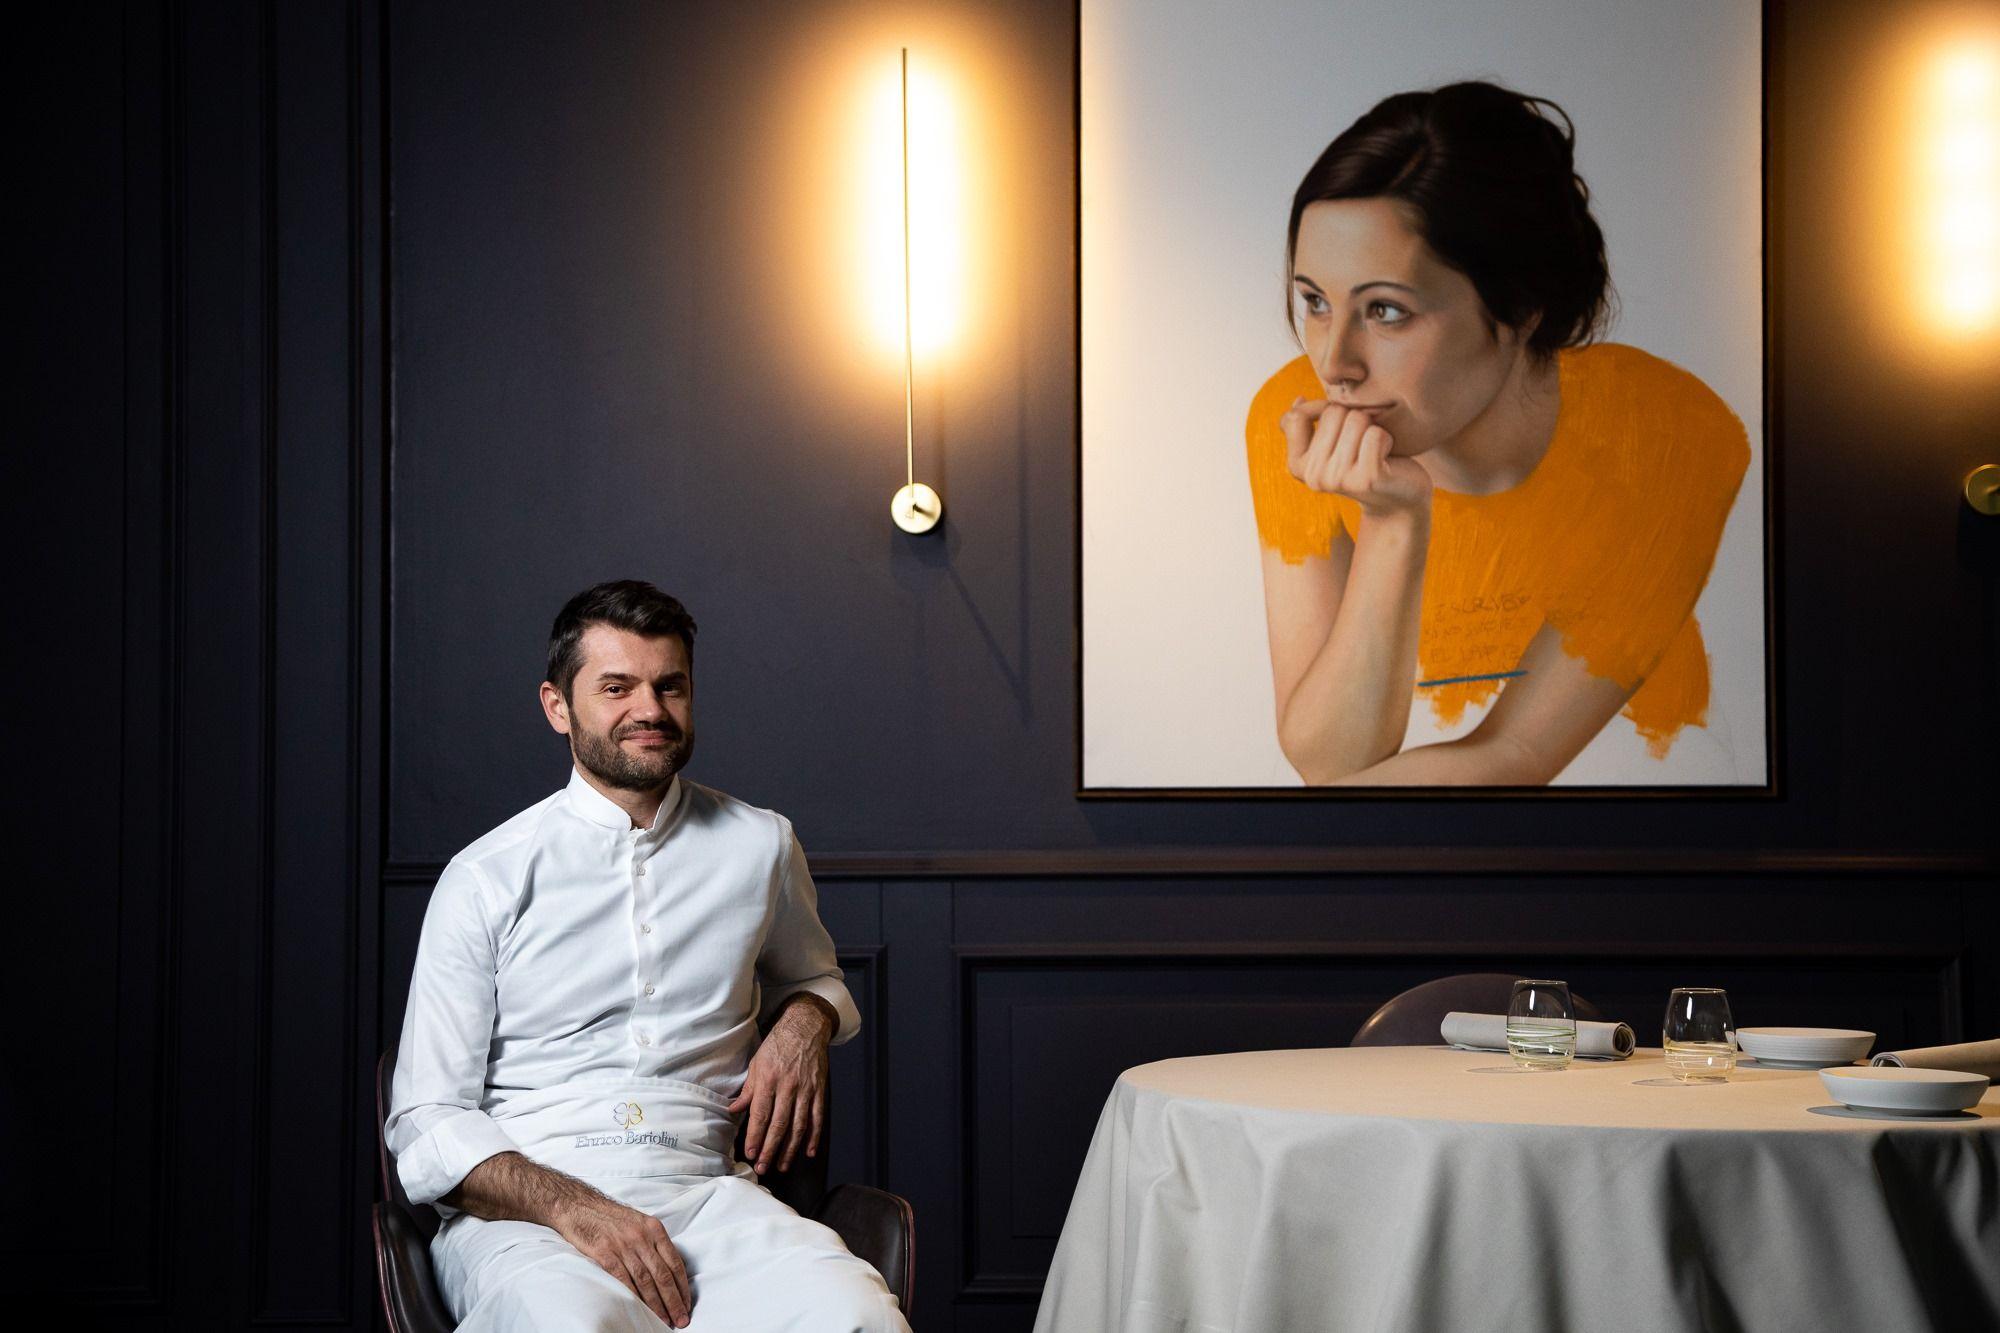 Enrico Bartolini recebeu em 2019 a terceira estrela Michelin pelo seu restaurante de mesmo nome em Milão